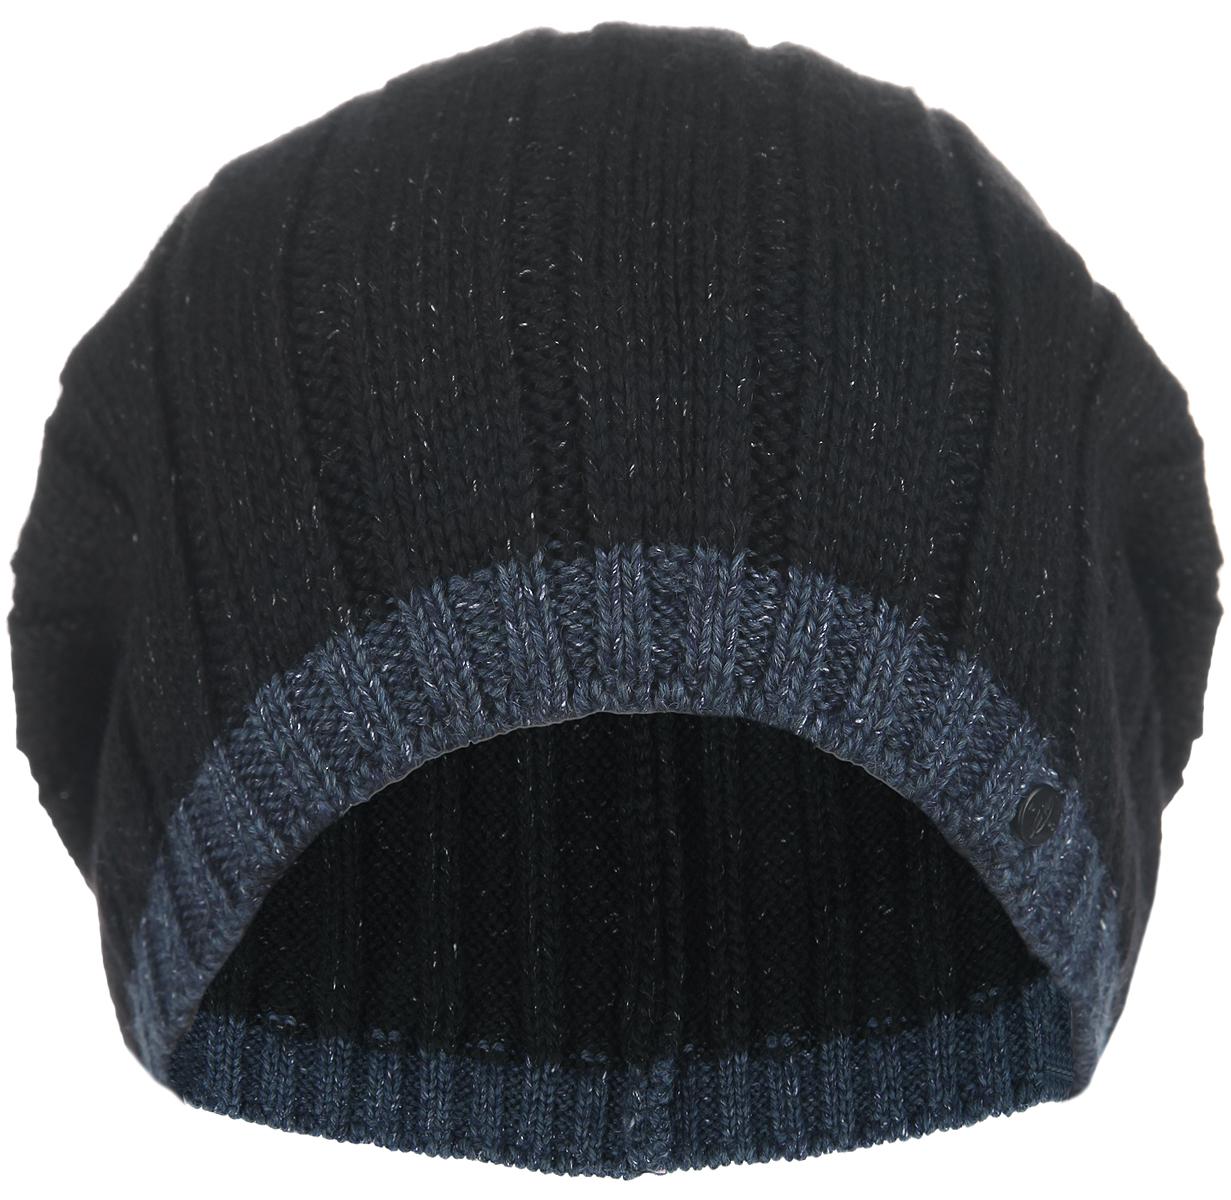 Шапка3447794Мужская шапка Canoe Rossini - классическая полушерстяная облегающая шапка, которая отлично дополнит ваш образ в холодную погоду. Сочетание различных материалов максимально сохраняет тепло и обеспечивает удобную посадку. В основной цвет пряжи тонким вкраплением вплетается контрастный цвет и пряжа начинает выглядеть по новому - как будто яркие волоски или капельки разбросаны по голове. Эффект необычный, модный и элегантный. Такая шапка составит идеальный комплект с модной верхней одеждой, в ней вам будет уютно и тепло!